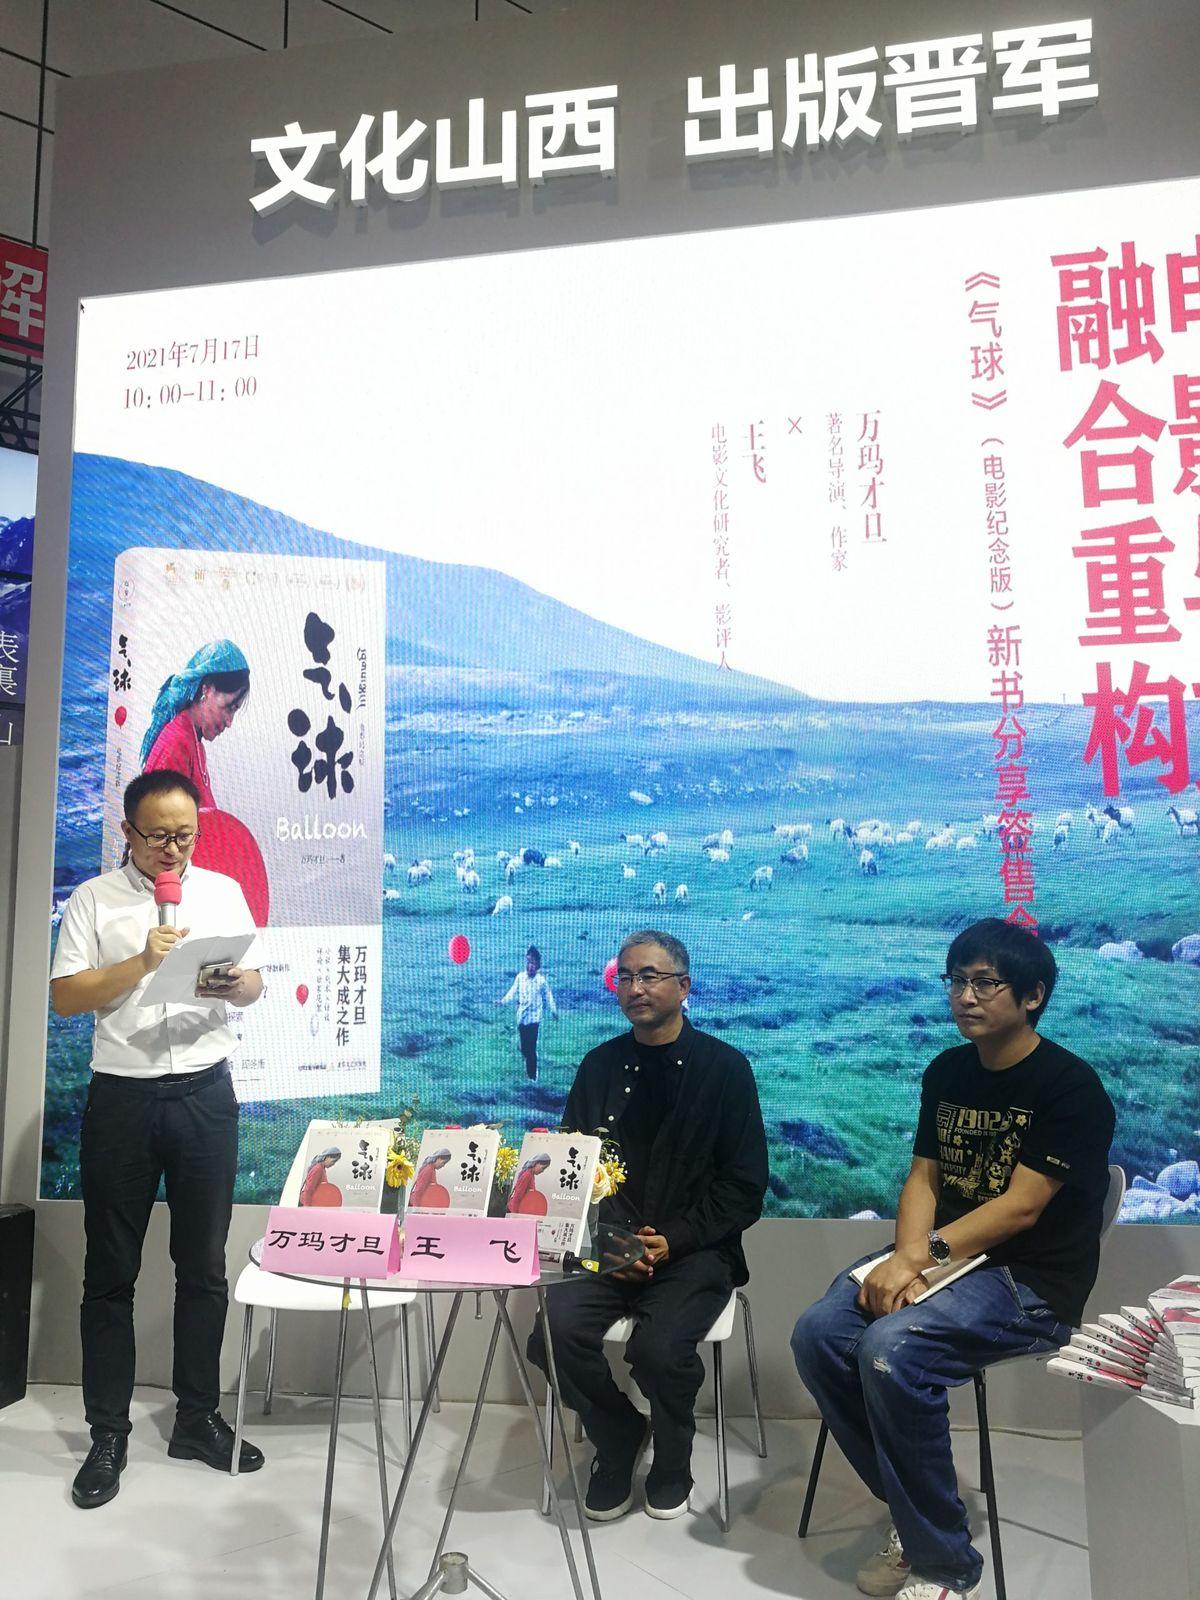 华语十佳影片《气球》原著由北岳文艺出版社出版,是原著、剧本、访谈、评论、剧照的集大成书-出版人杂志官网